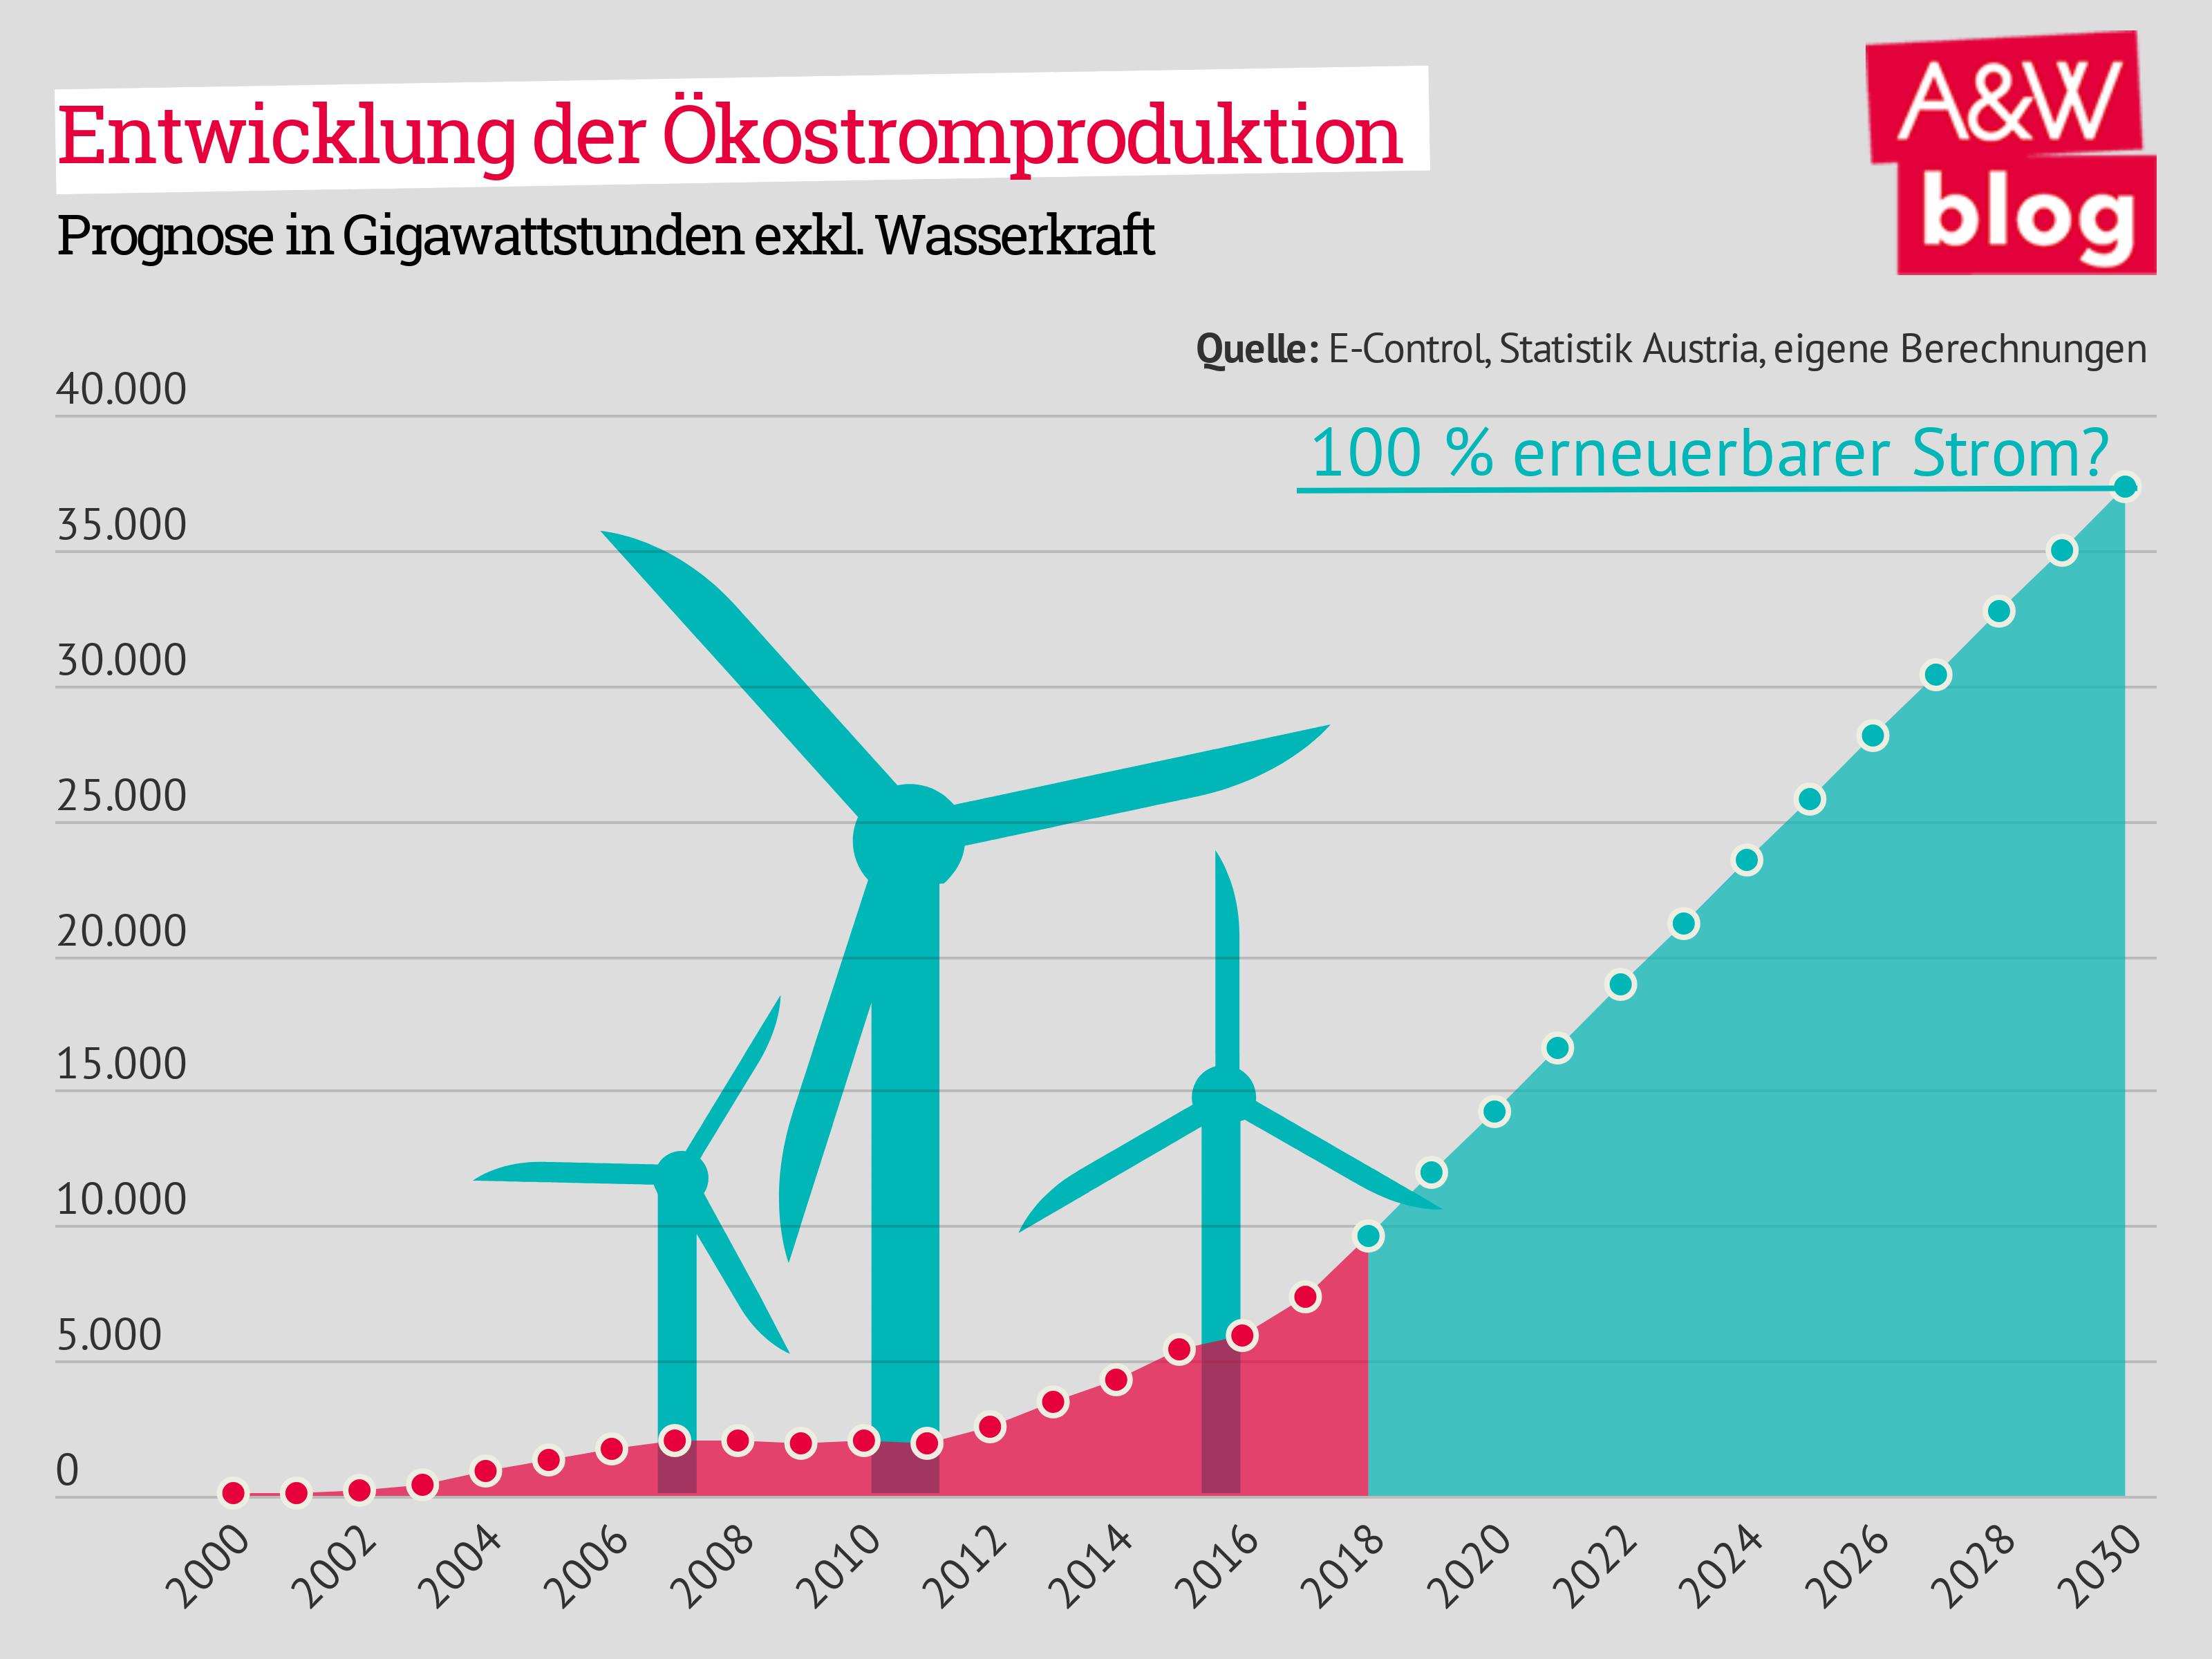 Erneuerbarer Strom: Entwicklung der Ökostromproduktion